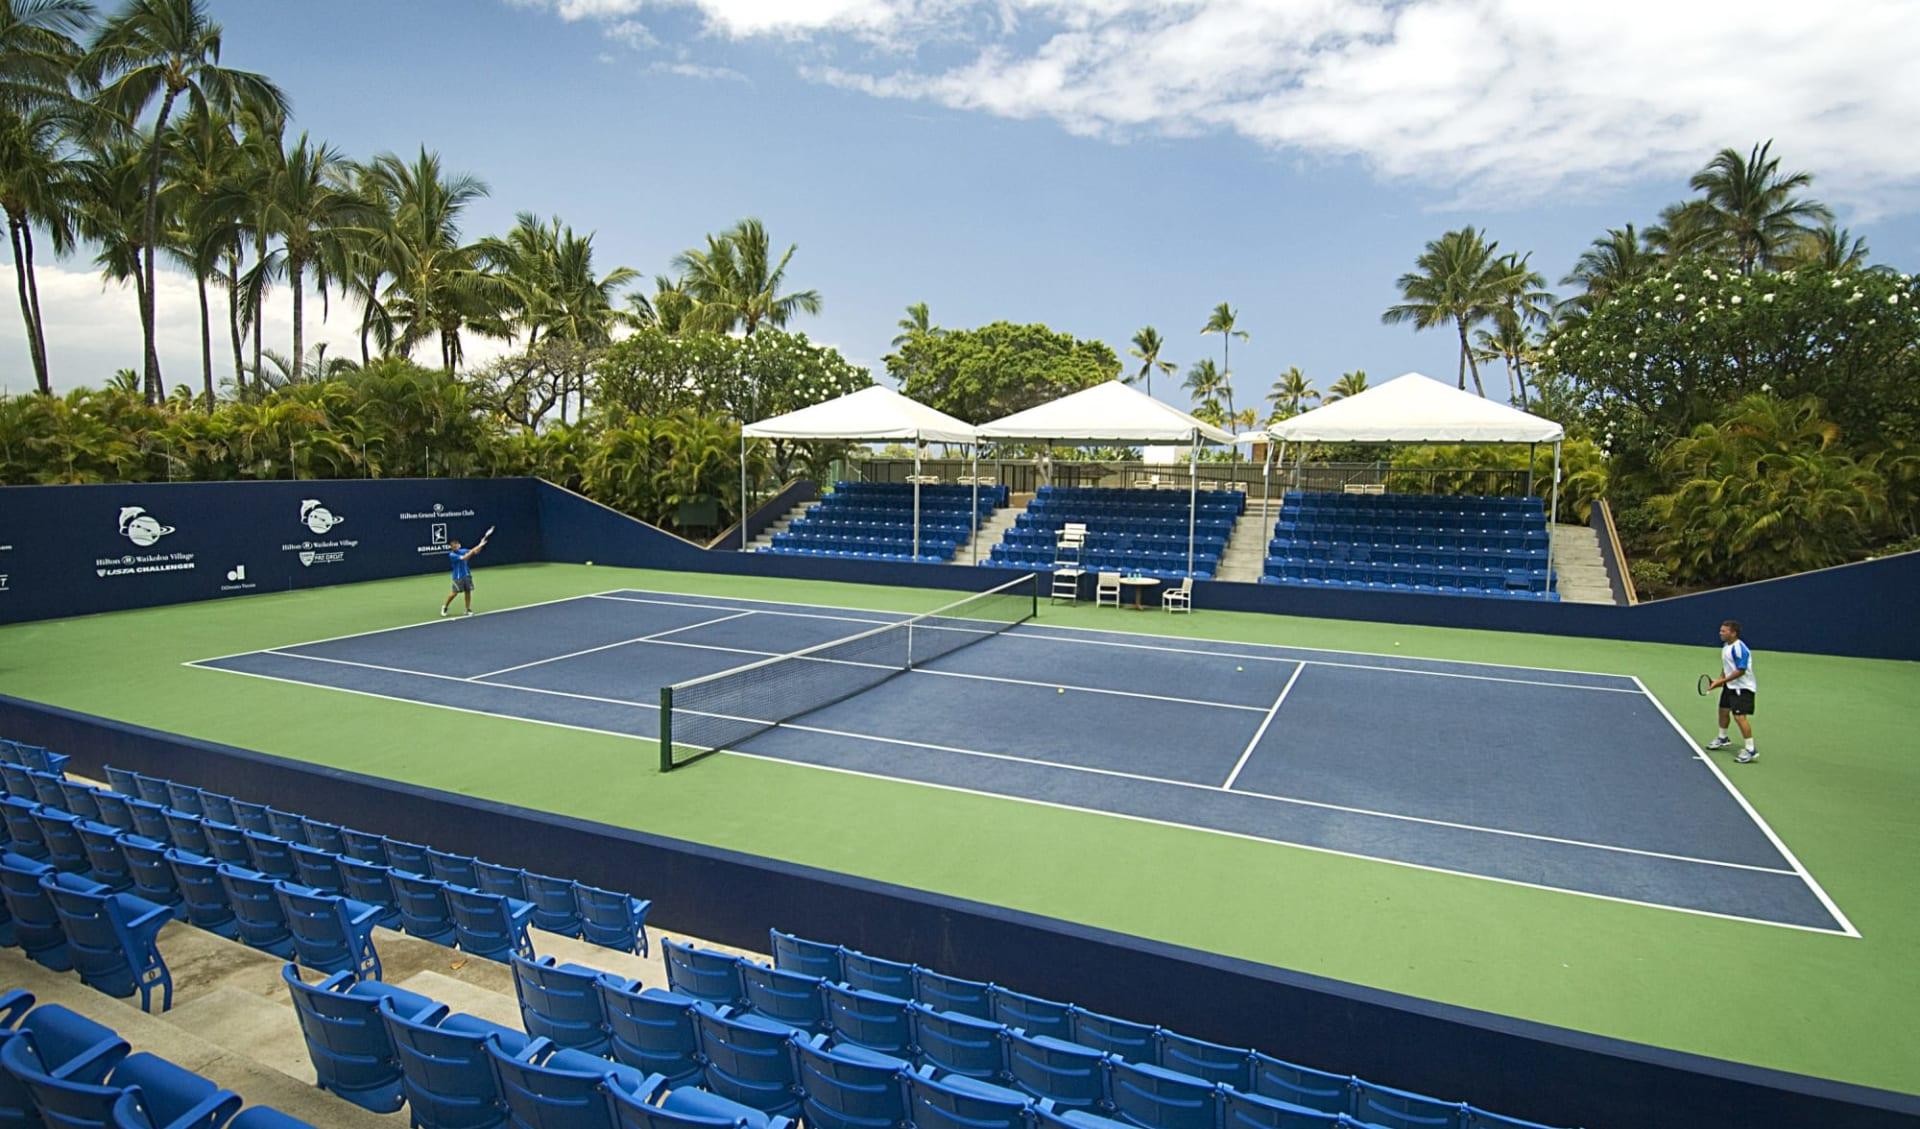 Hilton Waikoloa Village:  Hilton Waikoloa Village - Tennis - Stadium Court